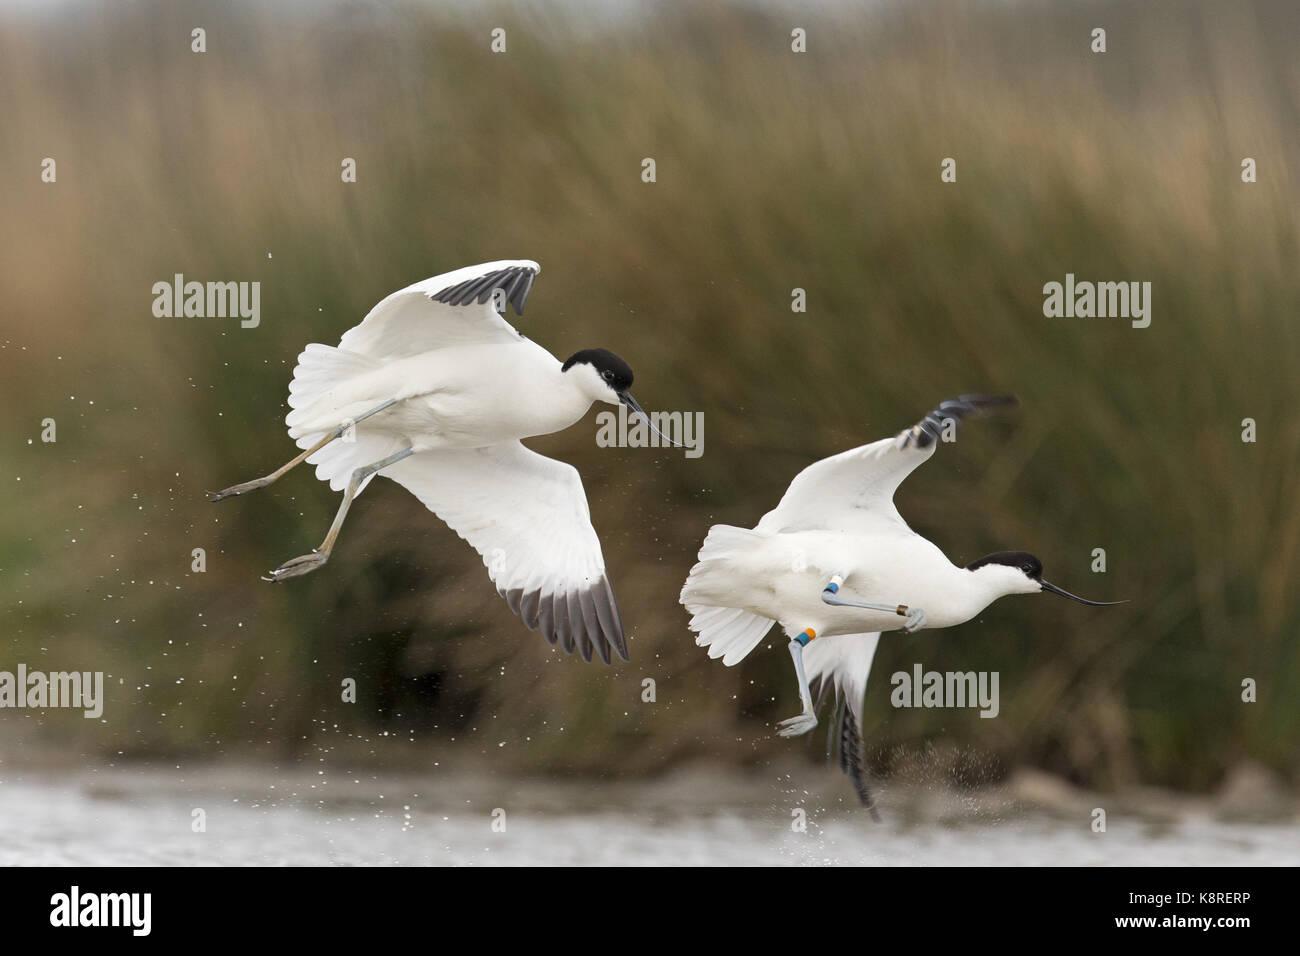 Bird Leg Bands Stock Photos & Bird Leg Bands Stock Images - Alamy